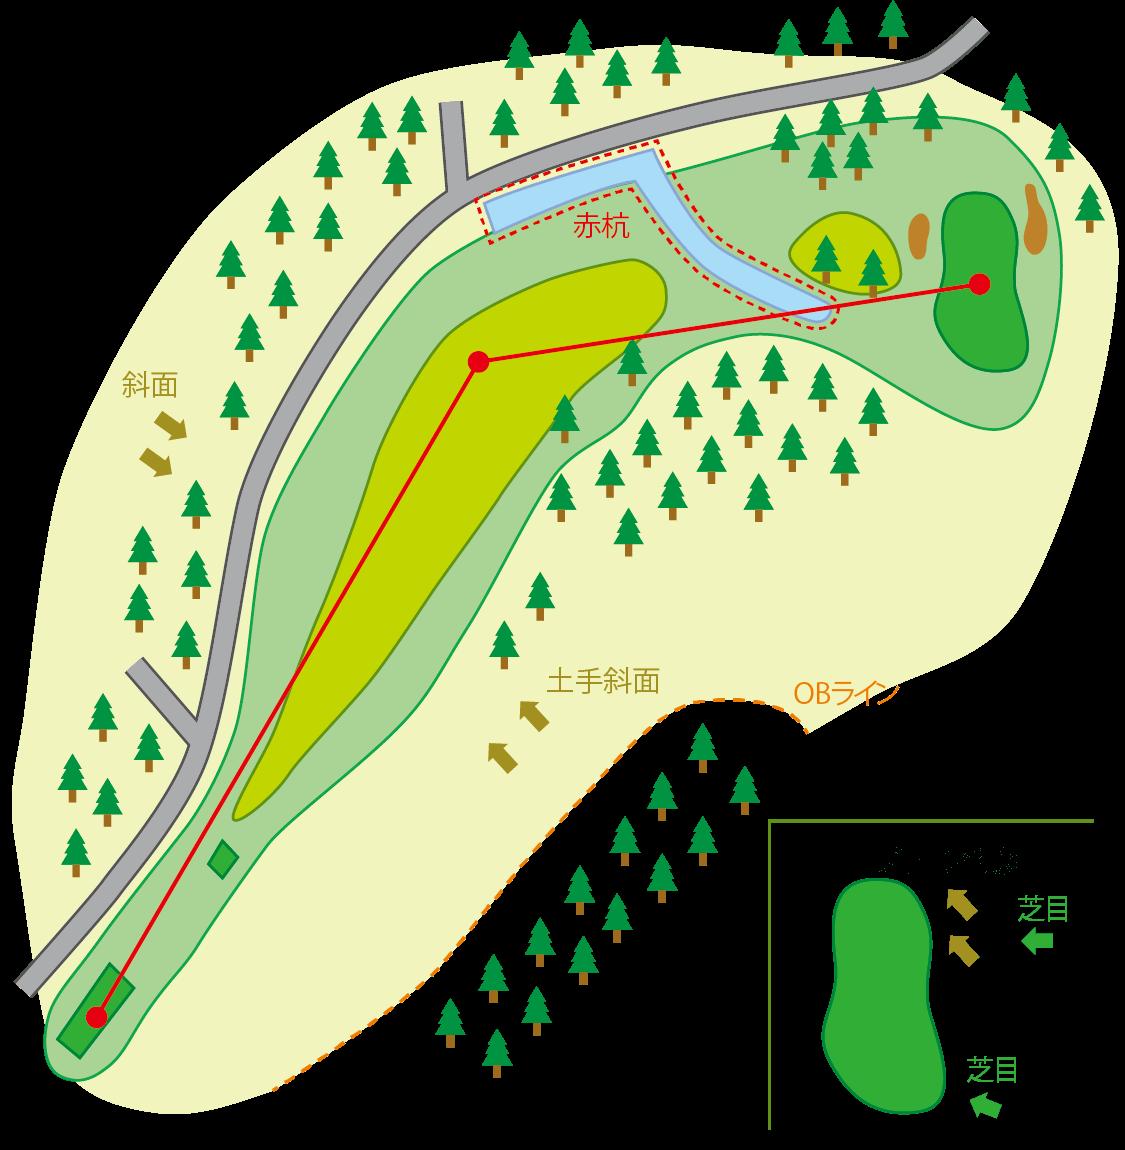 白鳥コース HOLE5のコースマップ